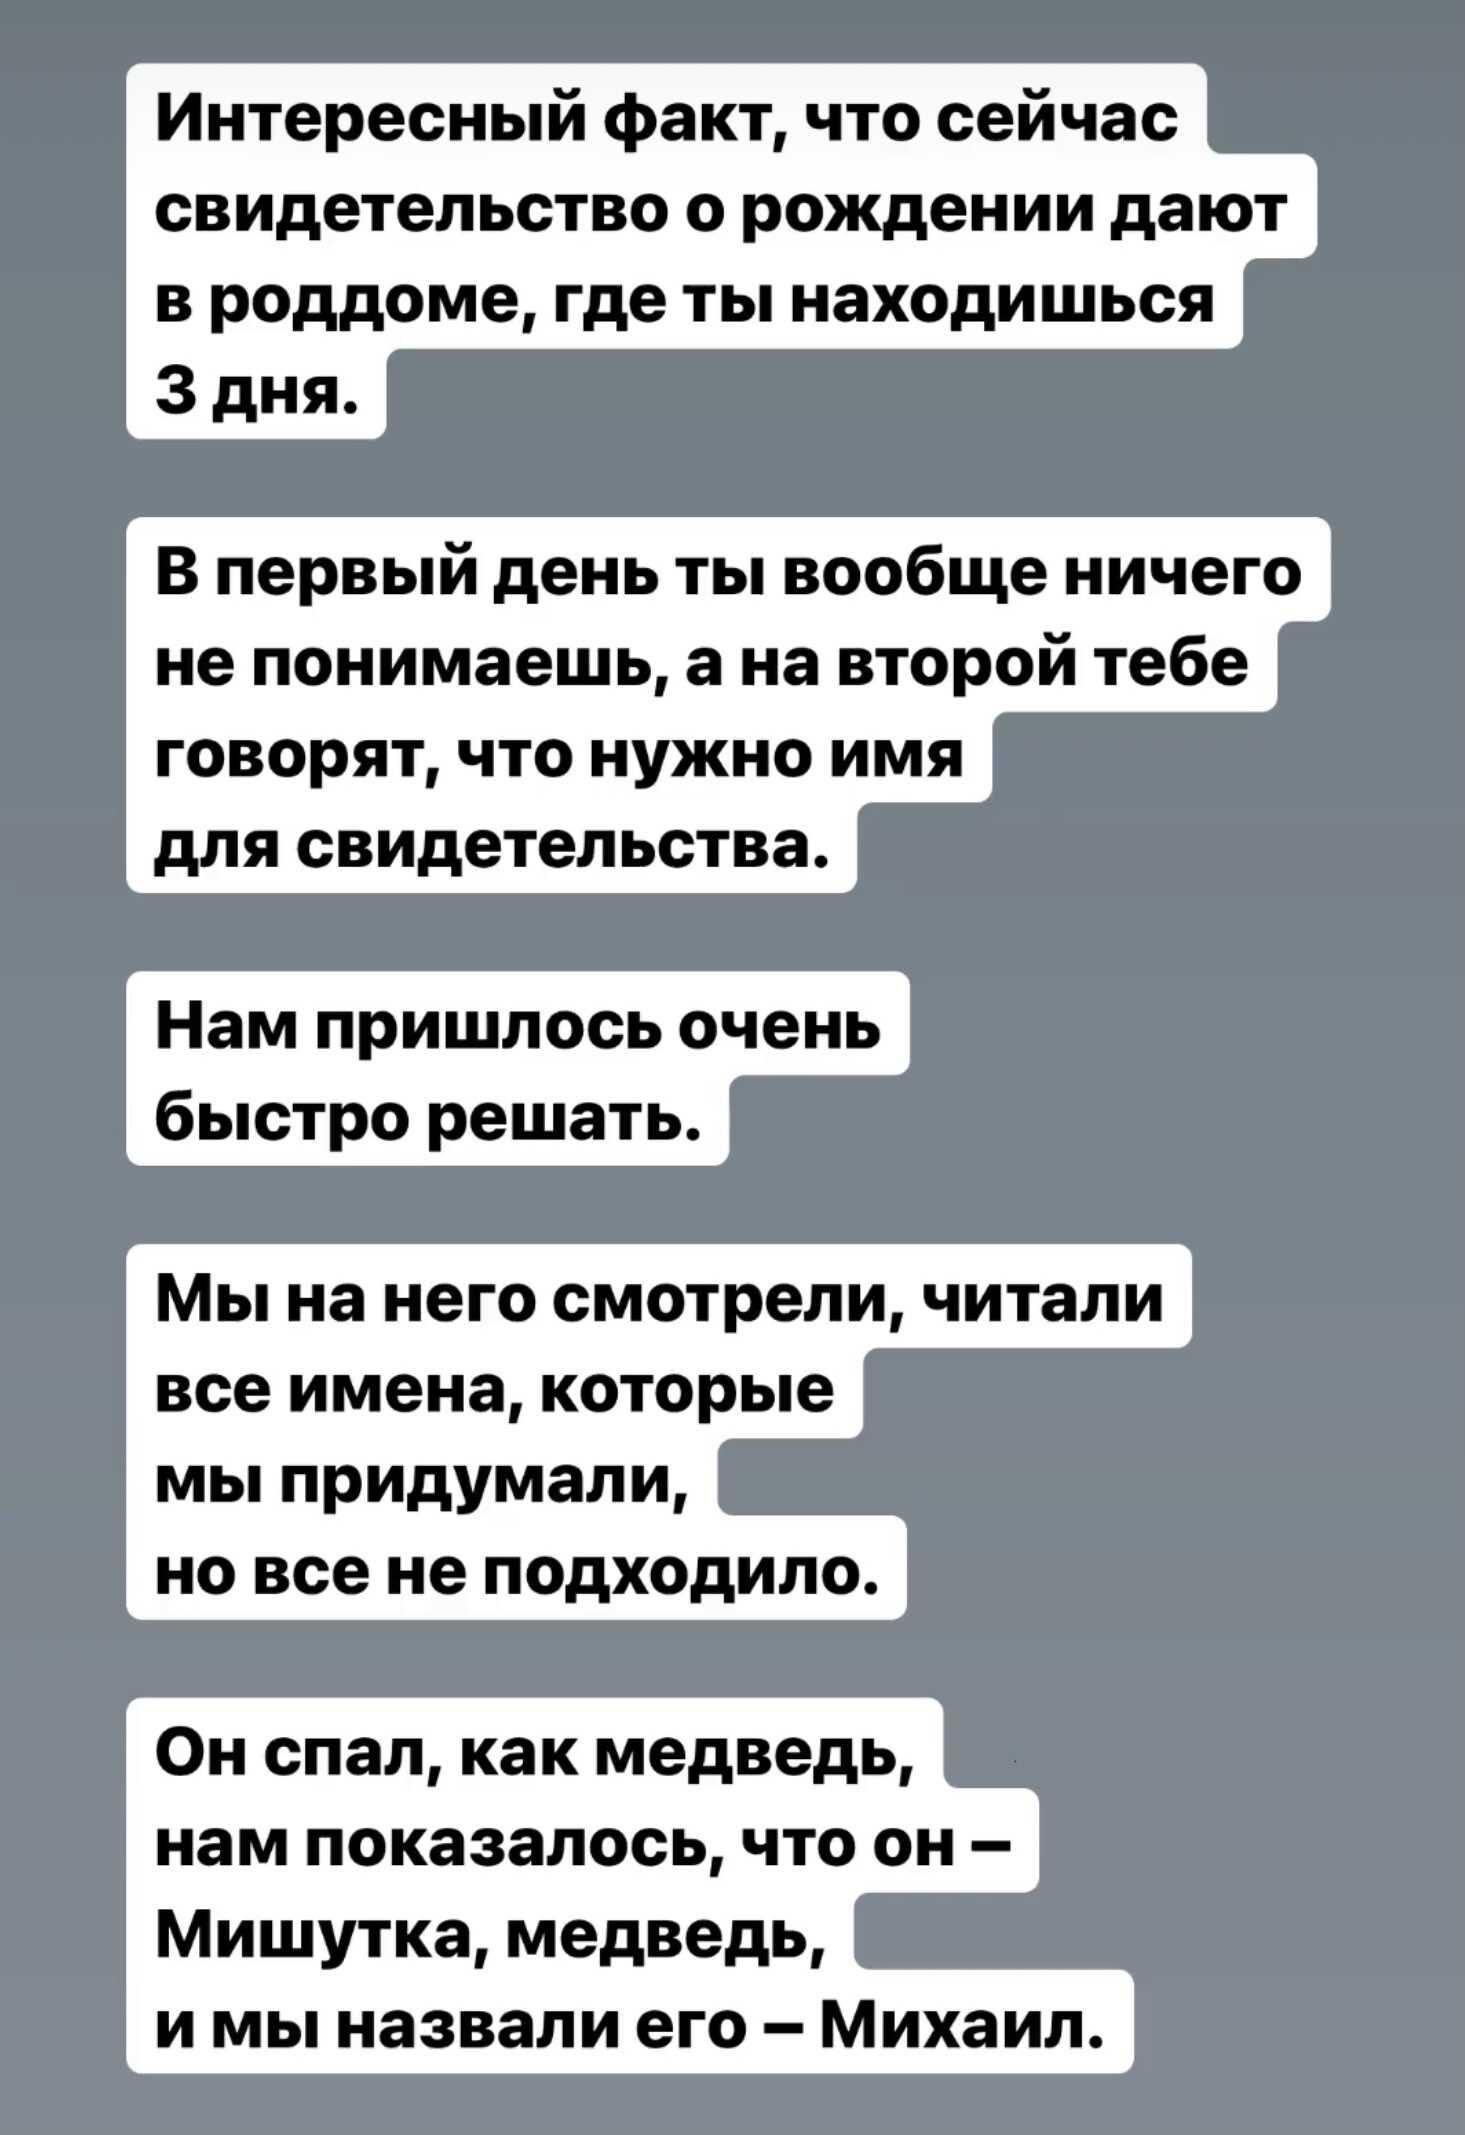 «Почему Михаил?»: Регина Тодоренко рассказала, как выбирала имя сыну